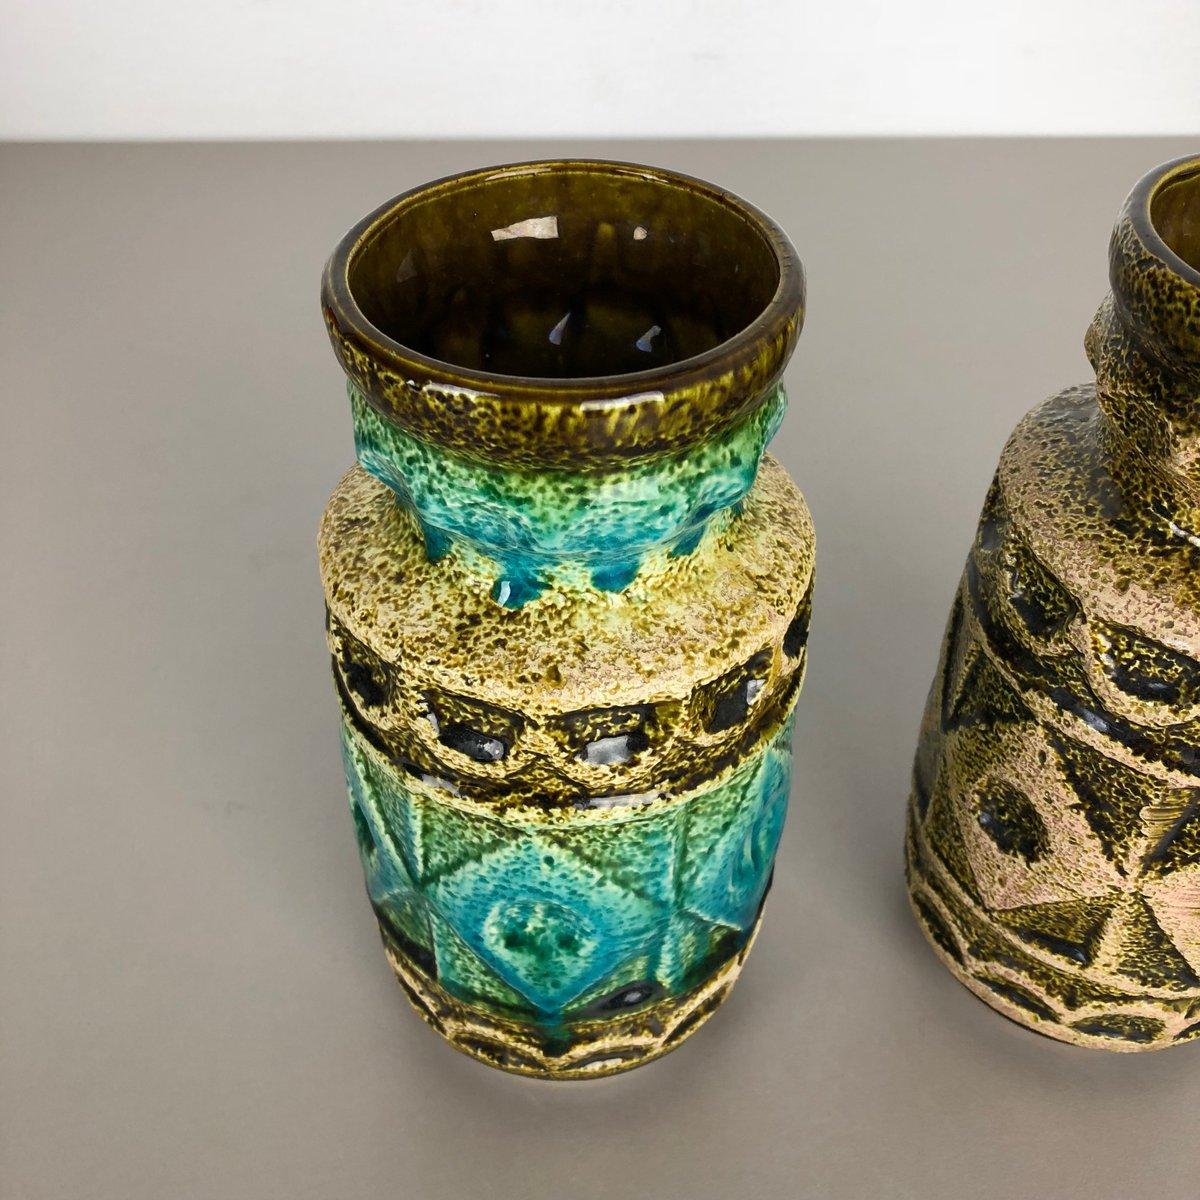 West Germany Bay Keramik vase number 92-20